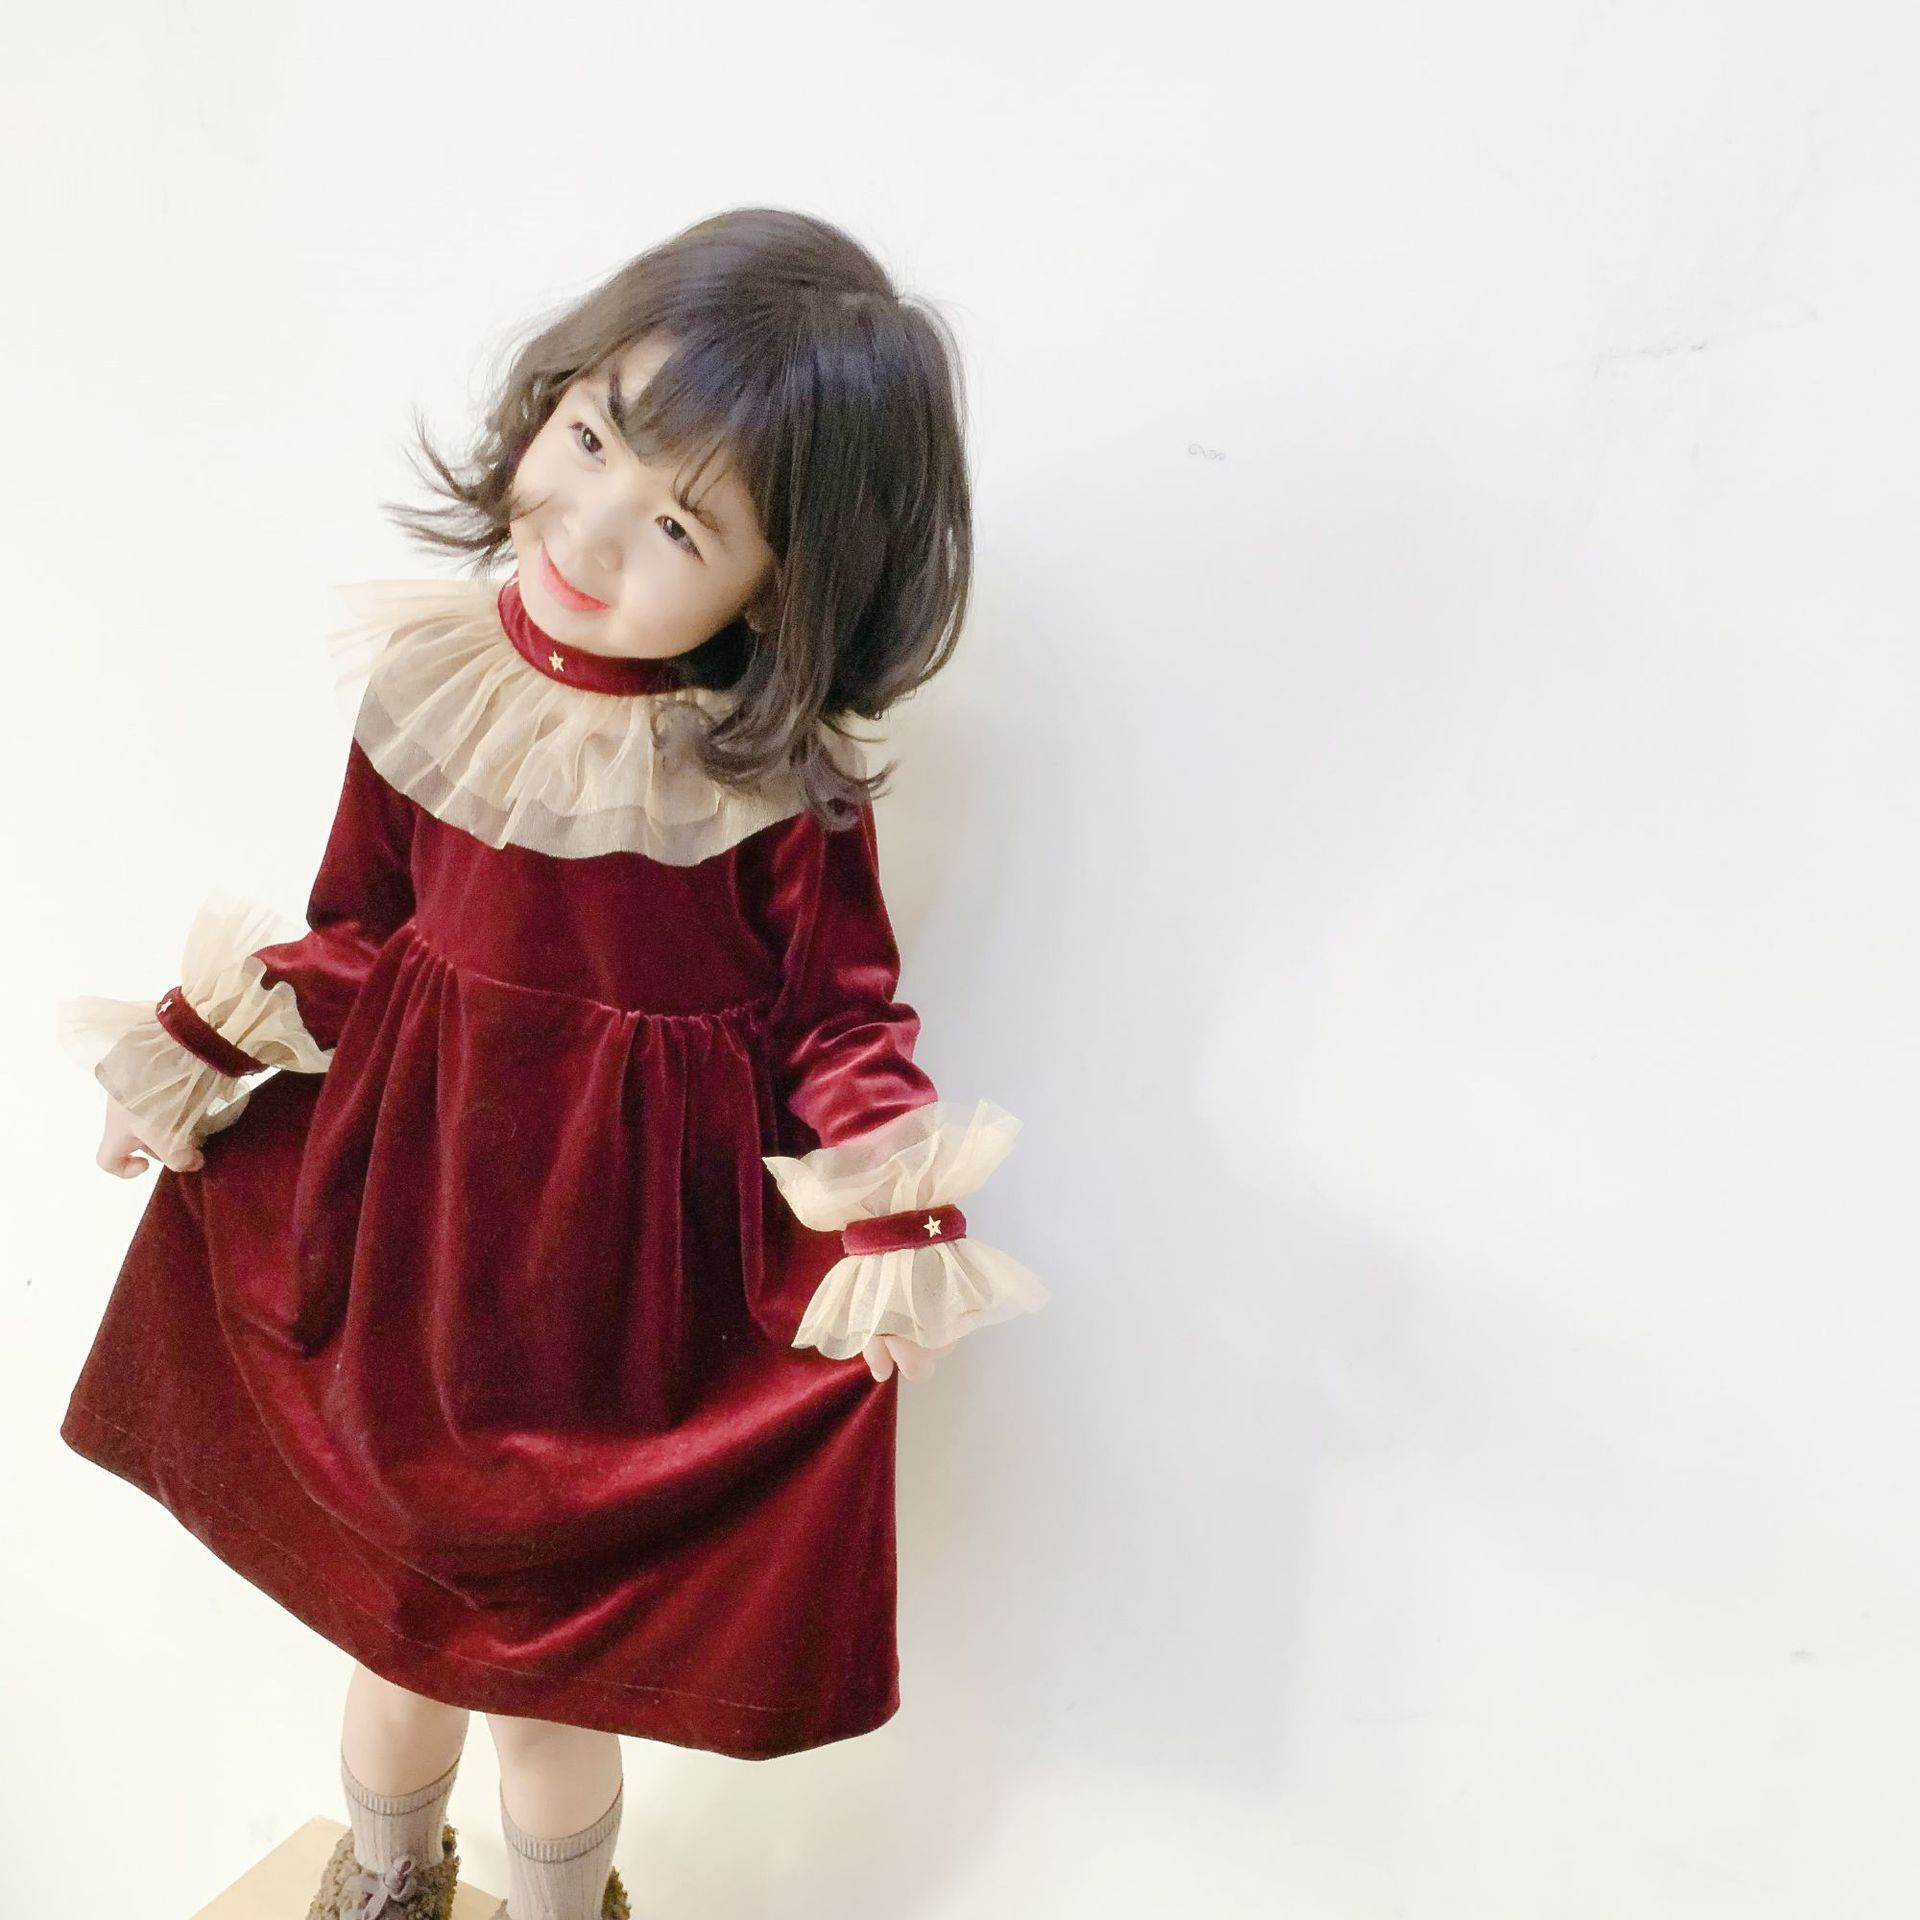 女童气质连衣裙20秋冬女宝宝新年红裙子儿童奢华丝绒礼服裙送披风